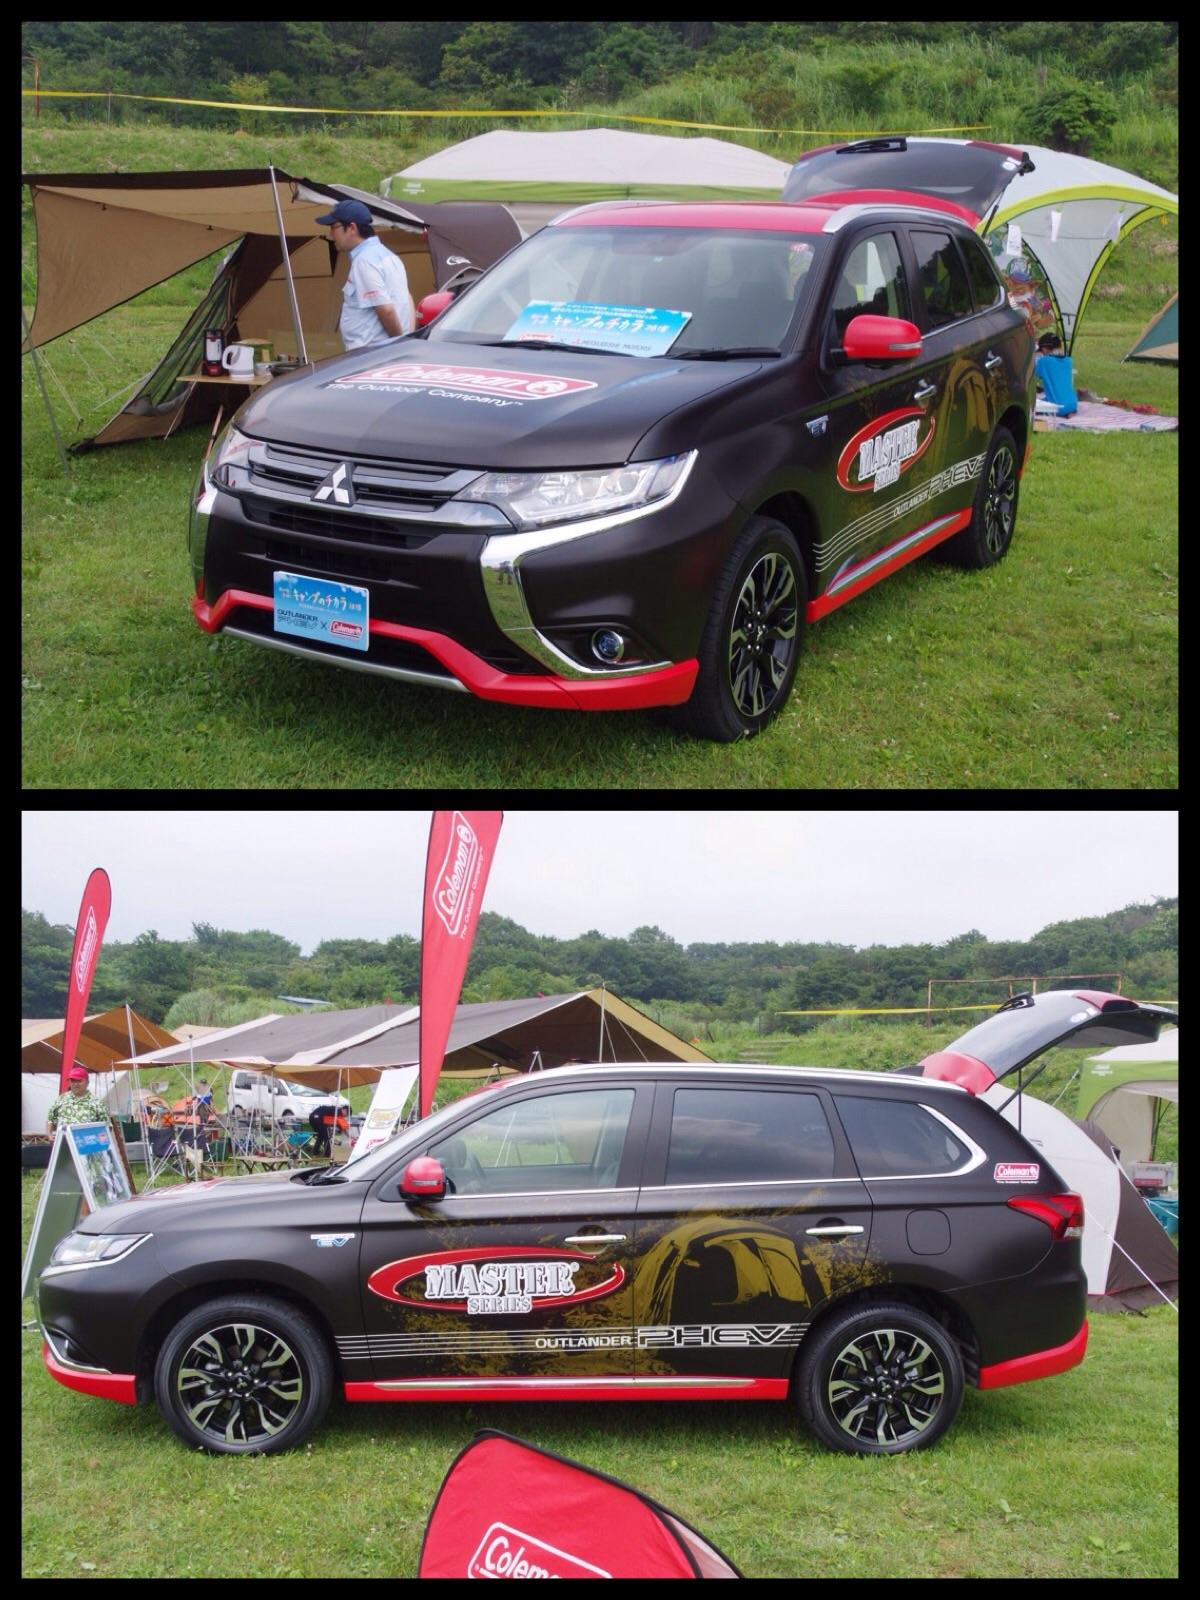 三菱スターキャンプ2015 新型アウトランダーPHEVコールマンラッピングカー